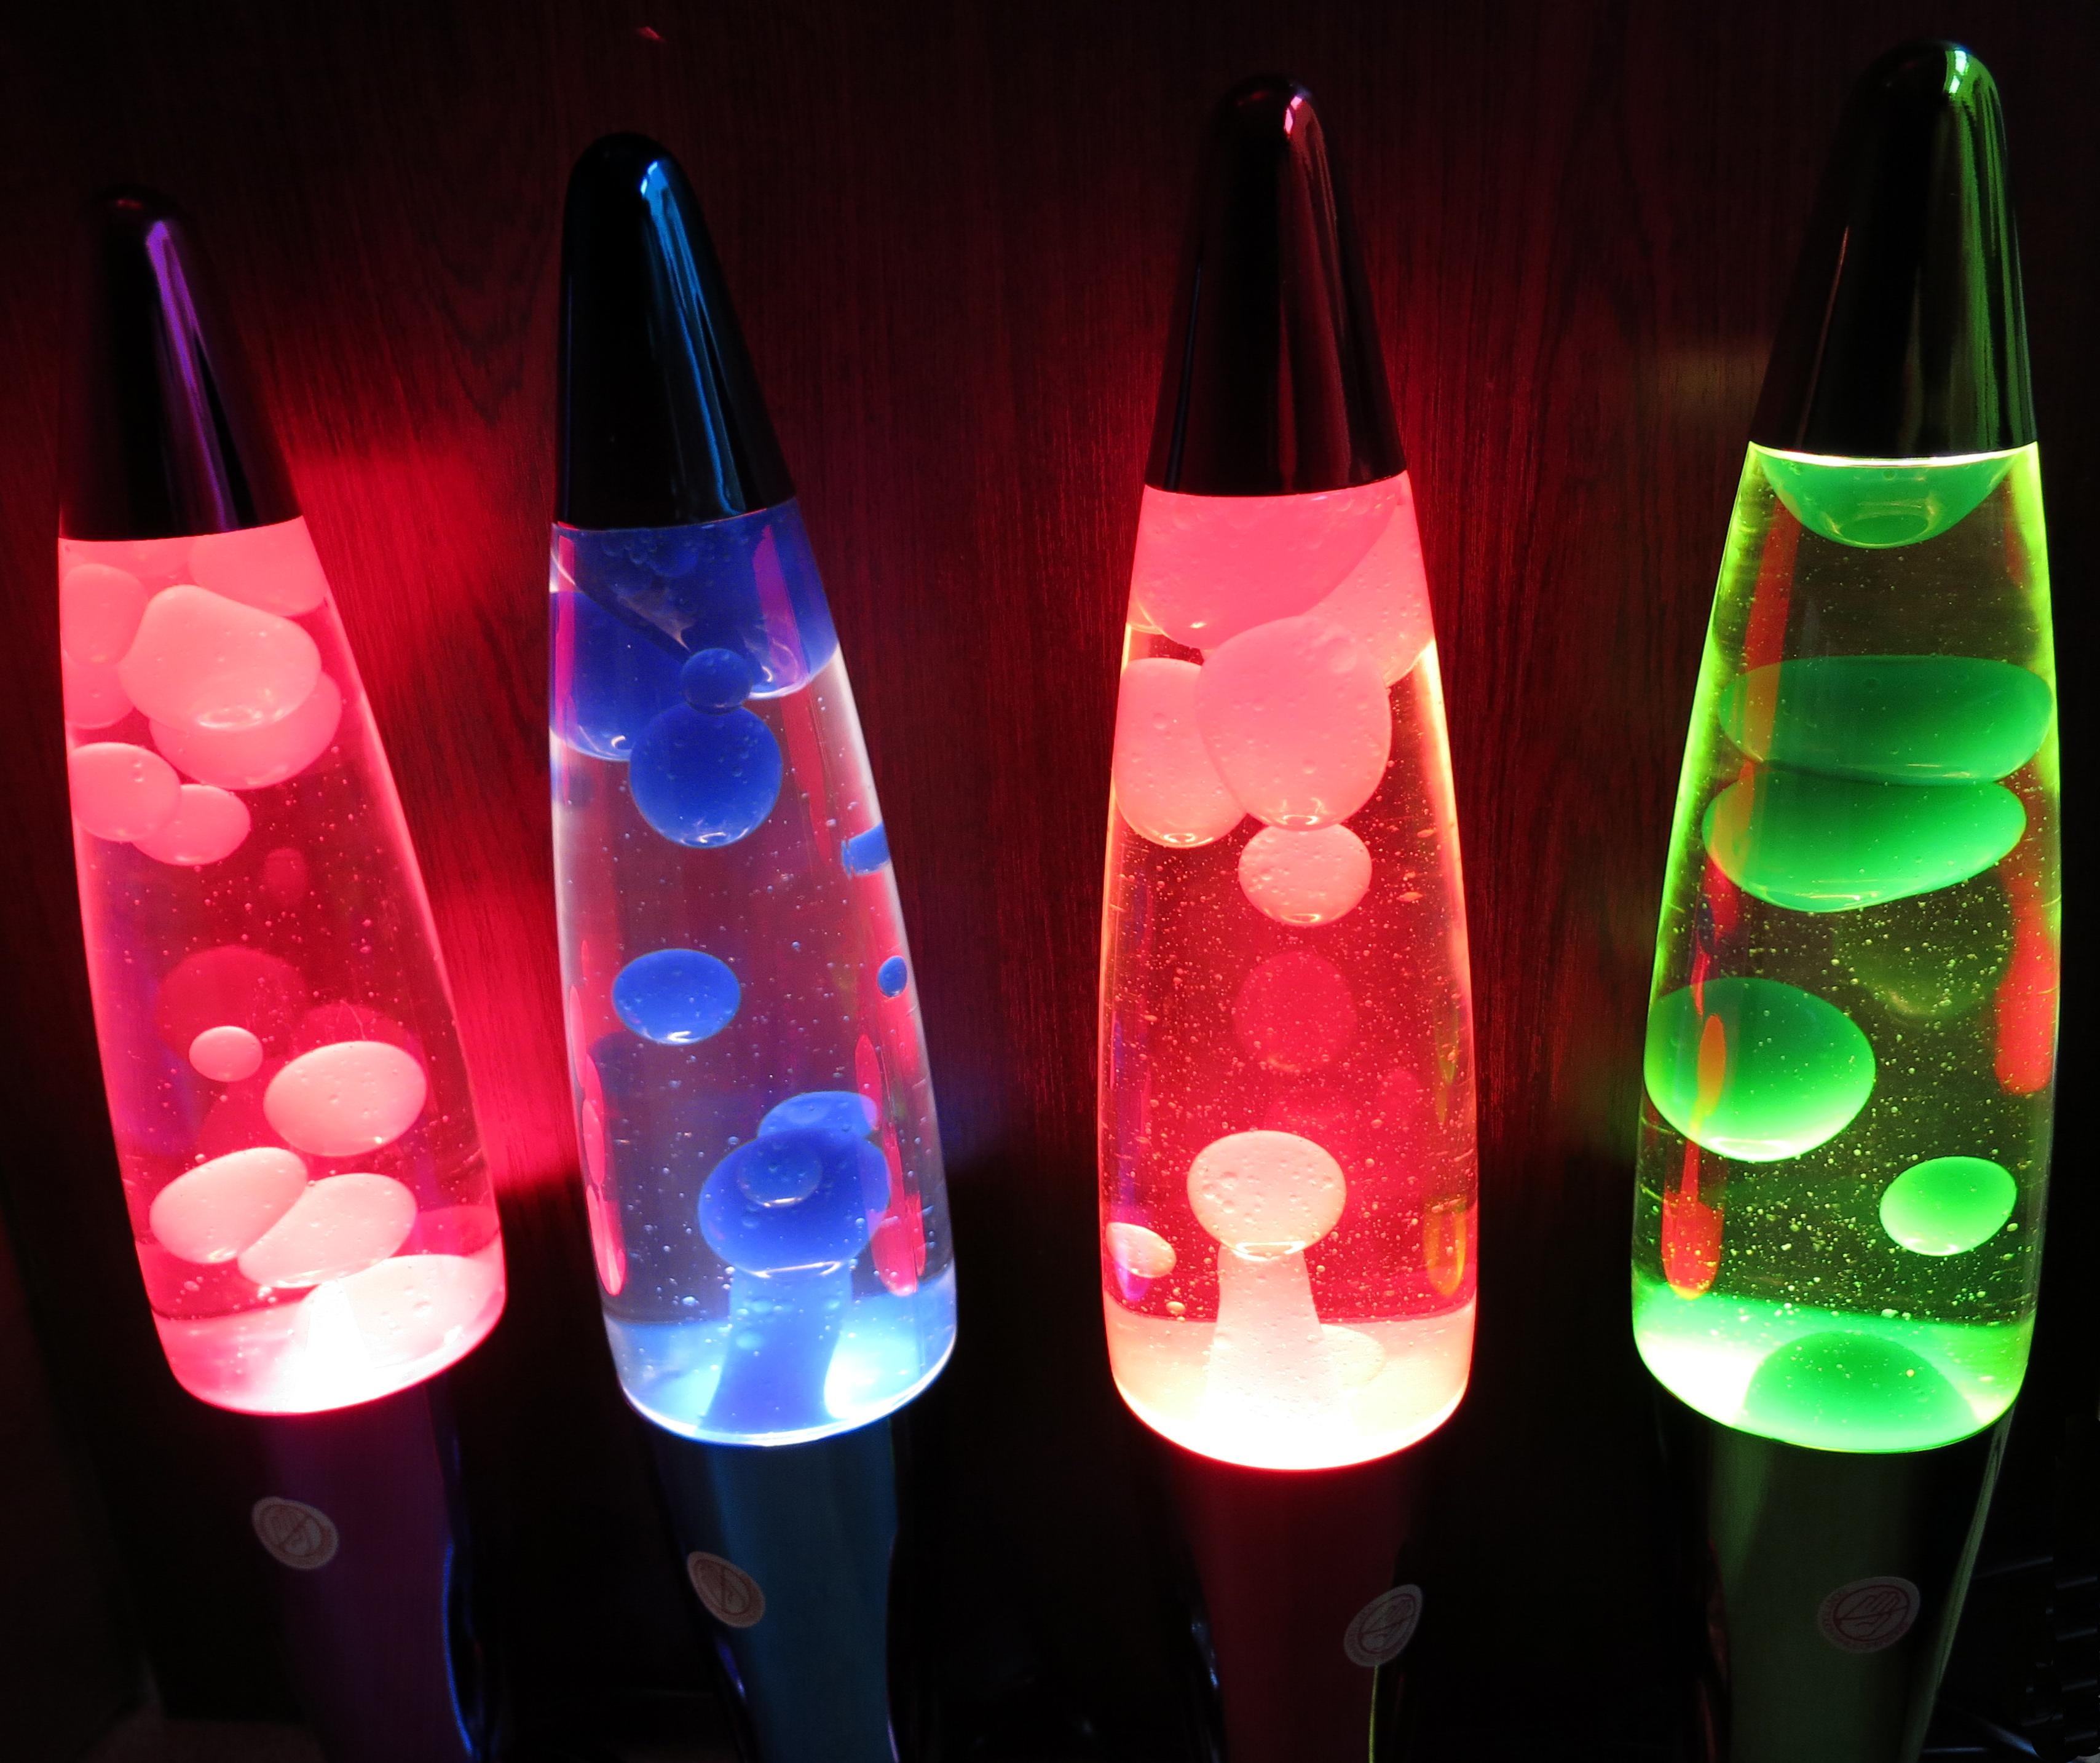 Лавовая лампа: принцип действия, конструкция, меры предосторожности, производители и модели, фото